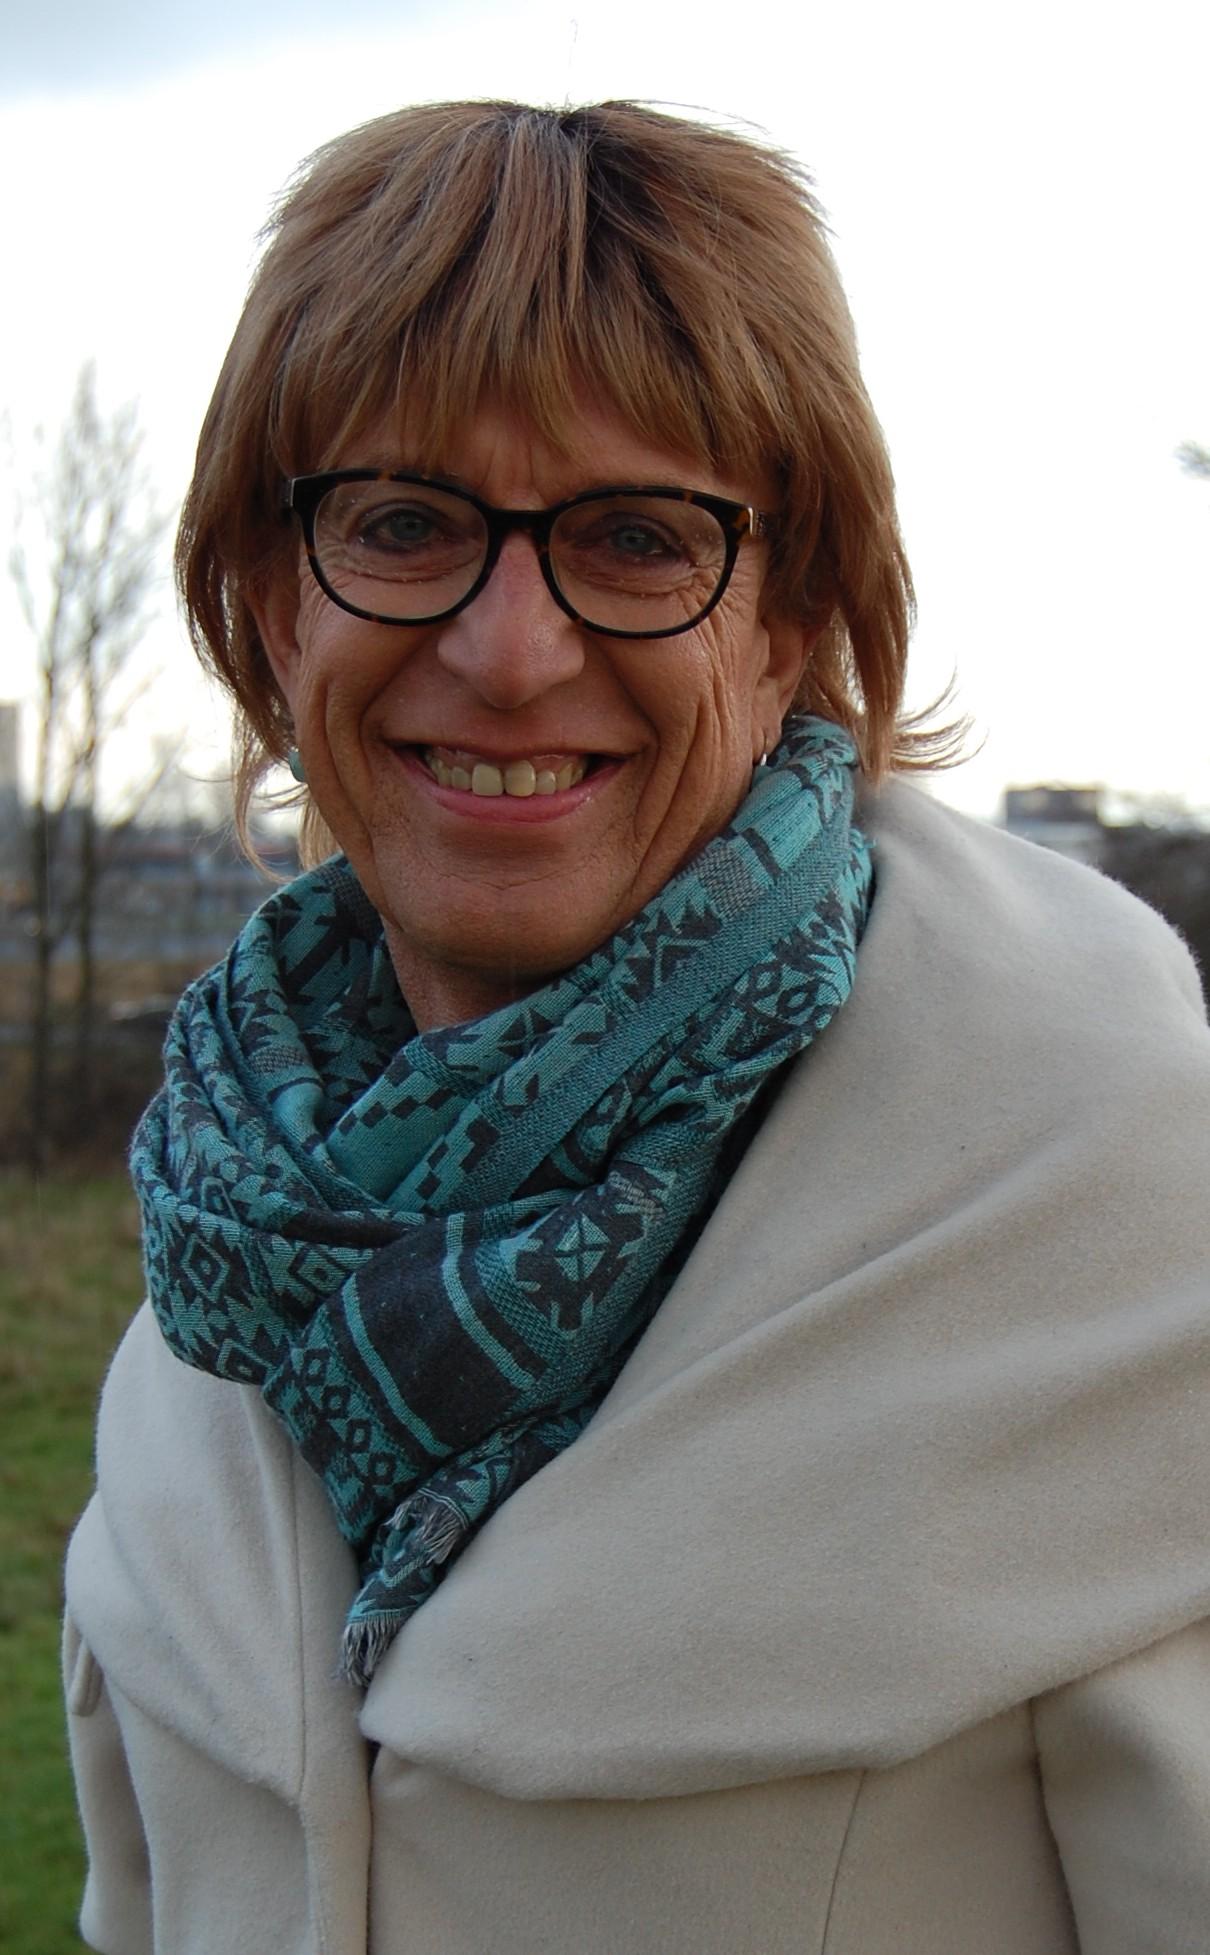 Tess Kooistra